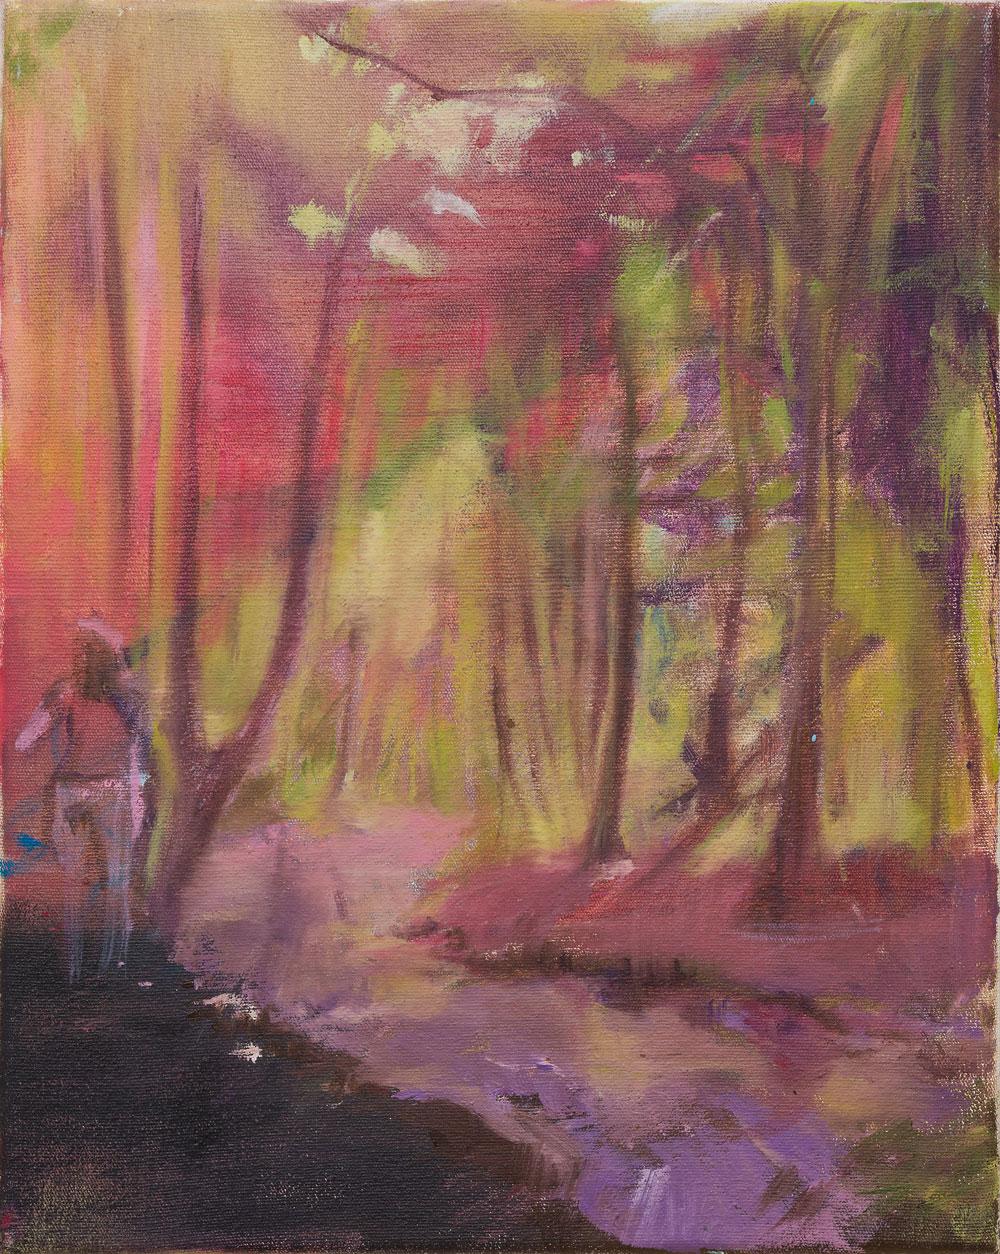 Mädchen am linken Bildrand in rötlich leuchtendem Wald